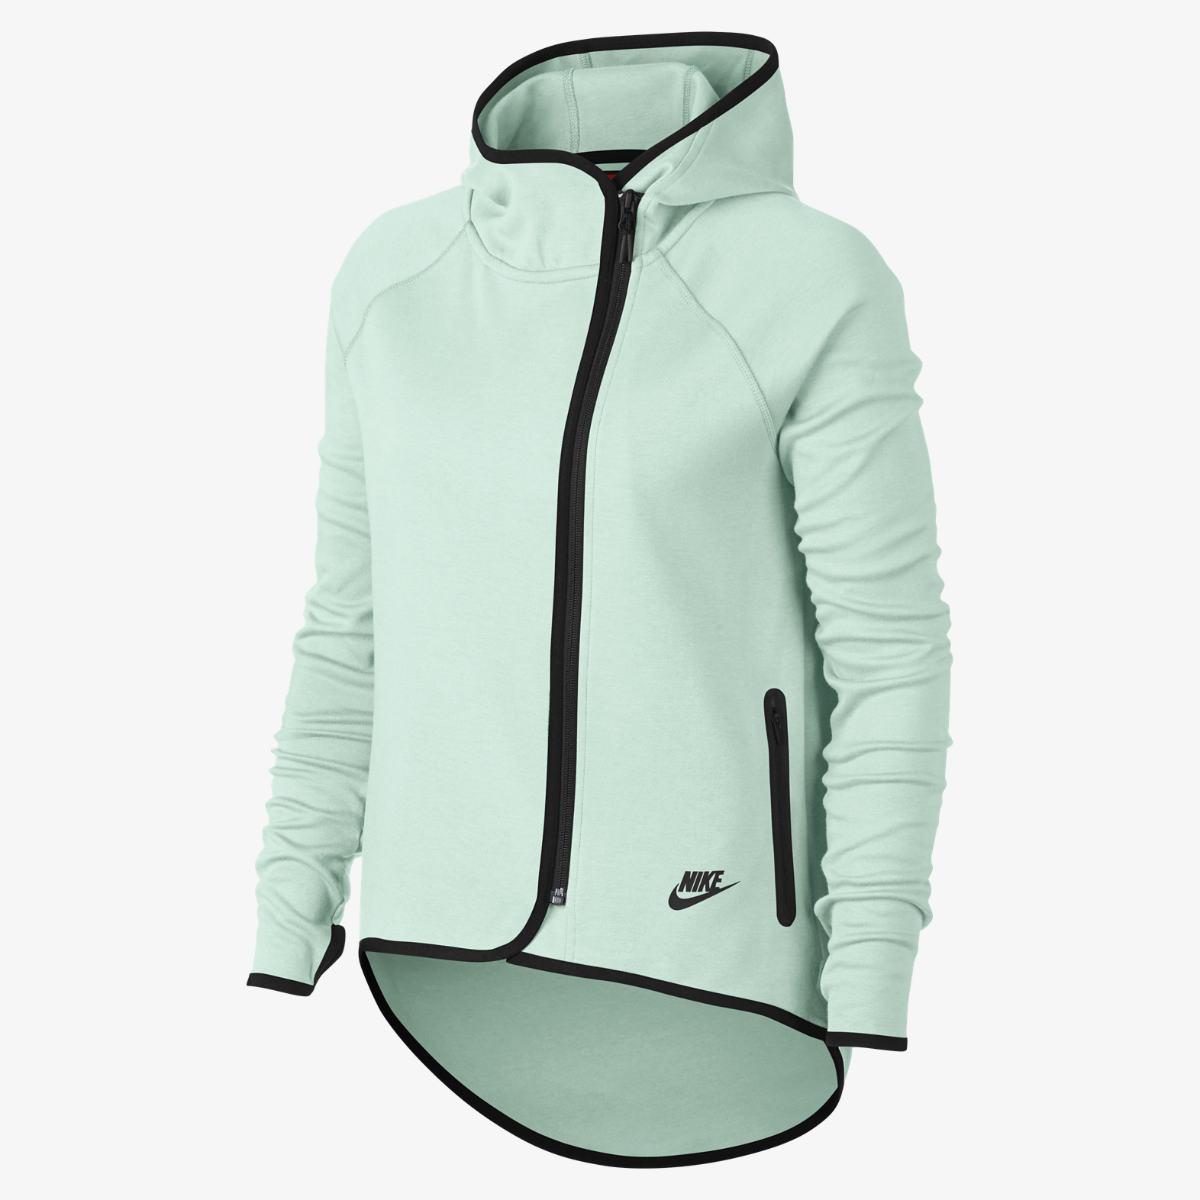 44c3dd64d0ce Женская Толстовка Nike Sportswear Tech Fleece Full-Zip Cape 908822-006  (Оригинал)